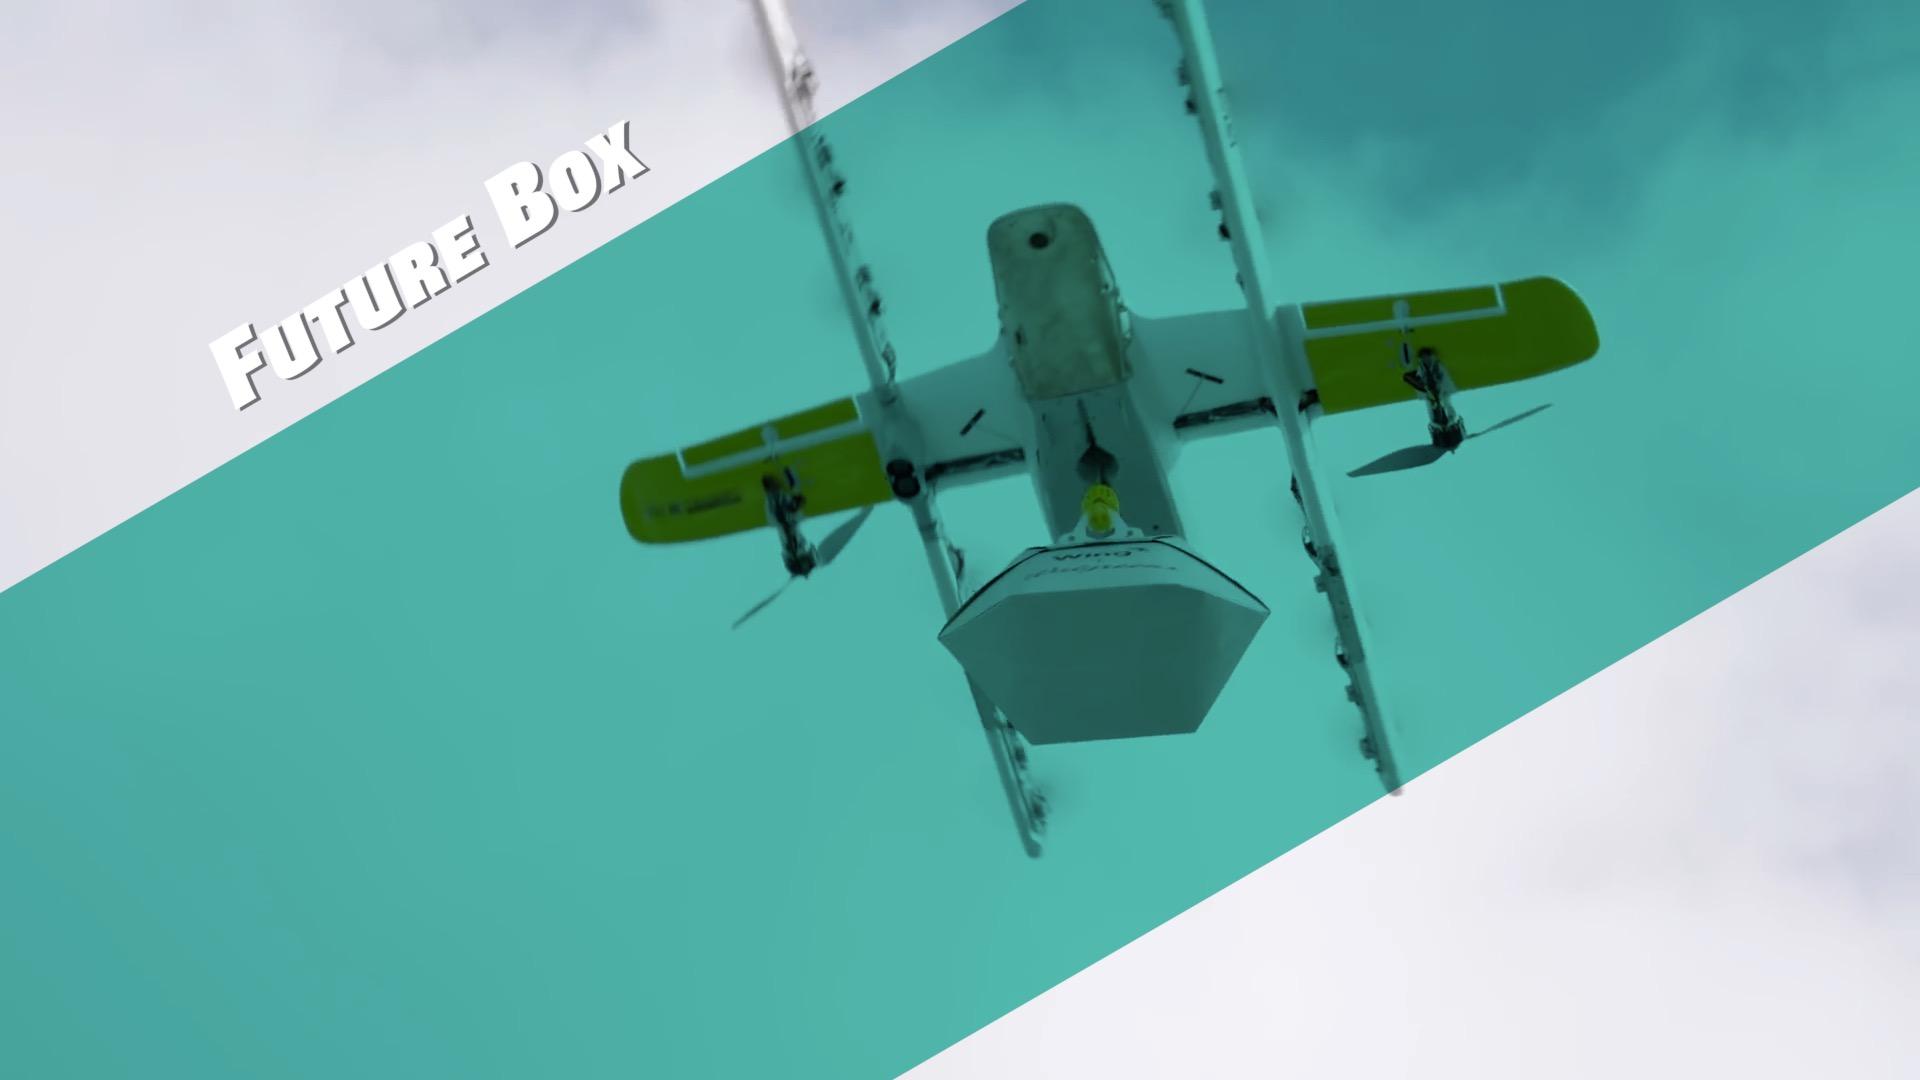 【钛媒体视频 Future Box】无人机快递在美商用,来自Alphabet旗下公司